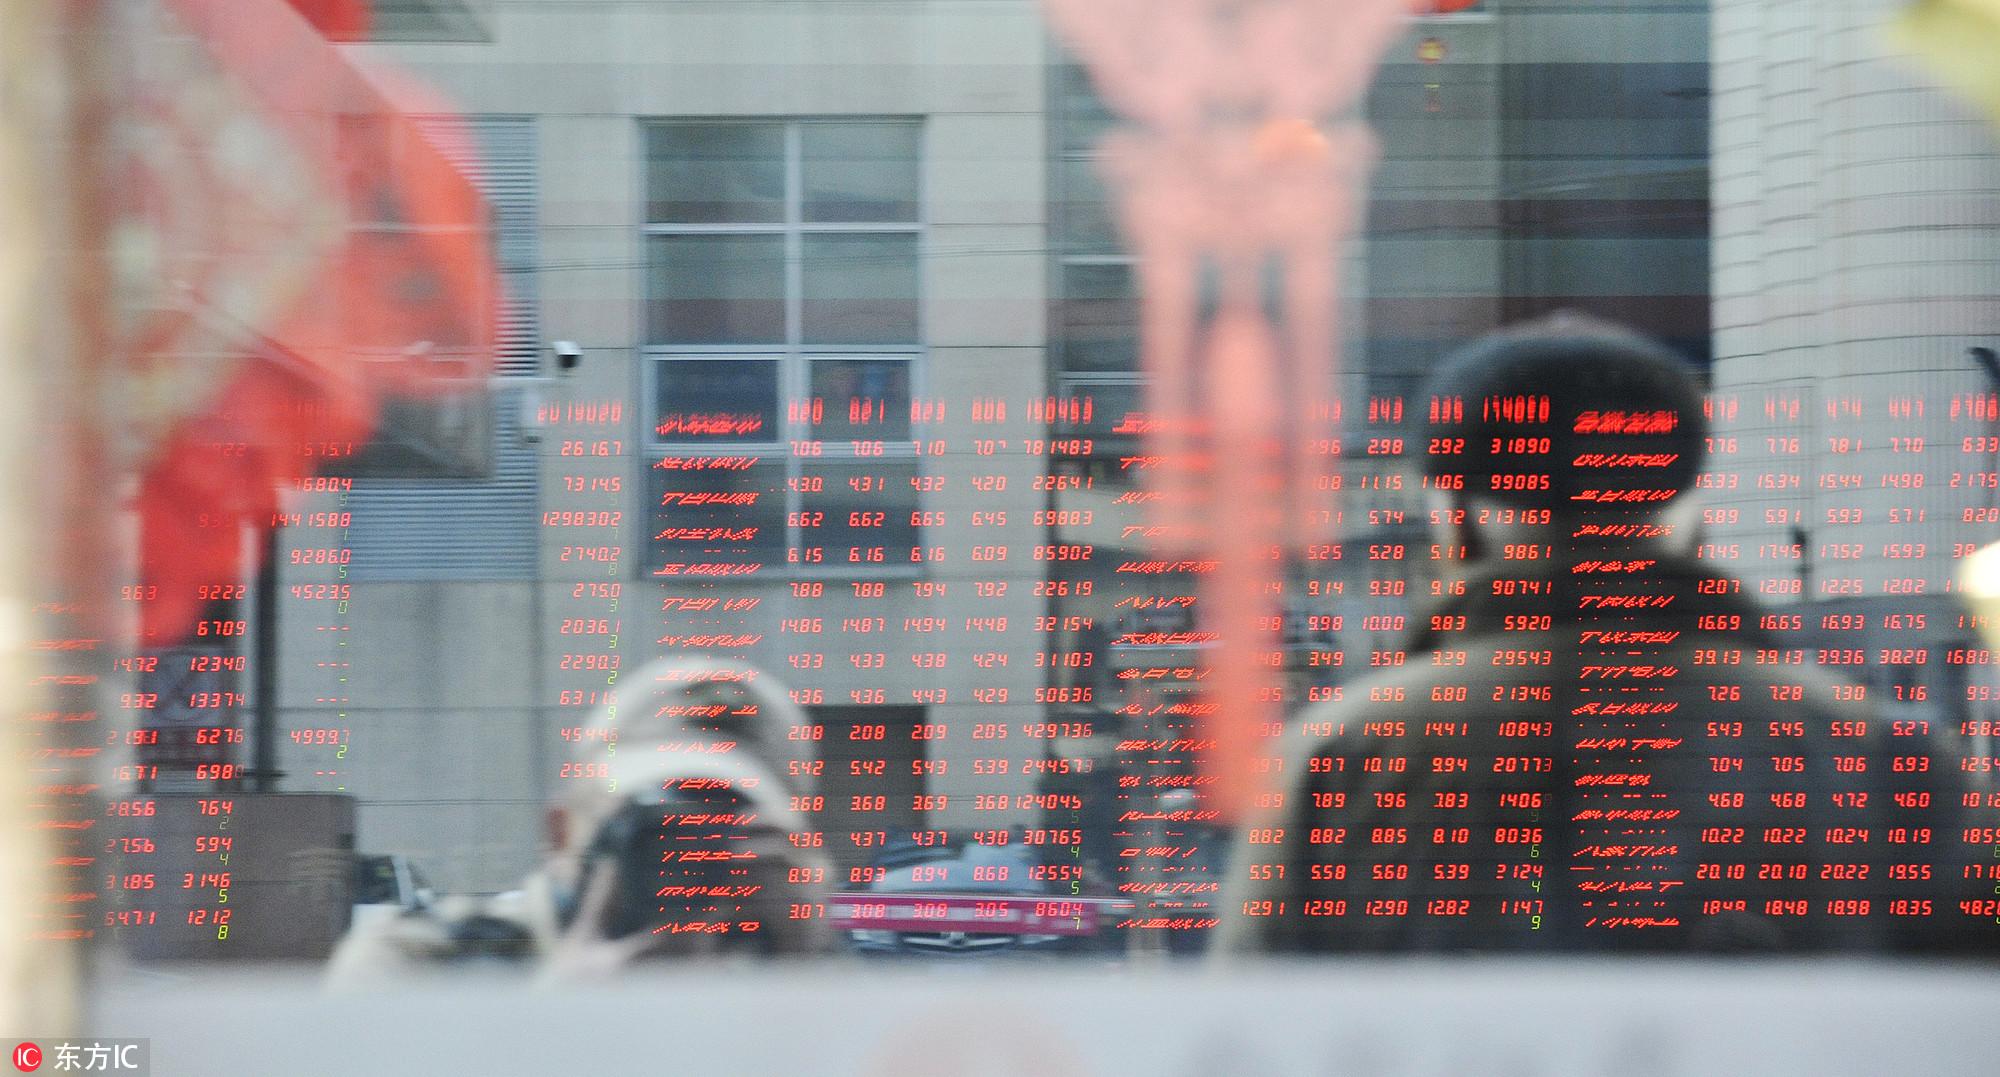 韩会师:追高入市,小股民的自我折磨